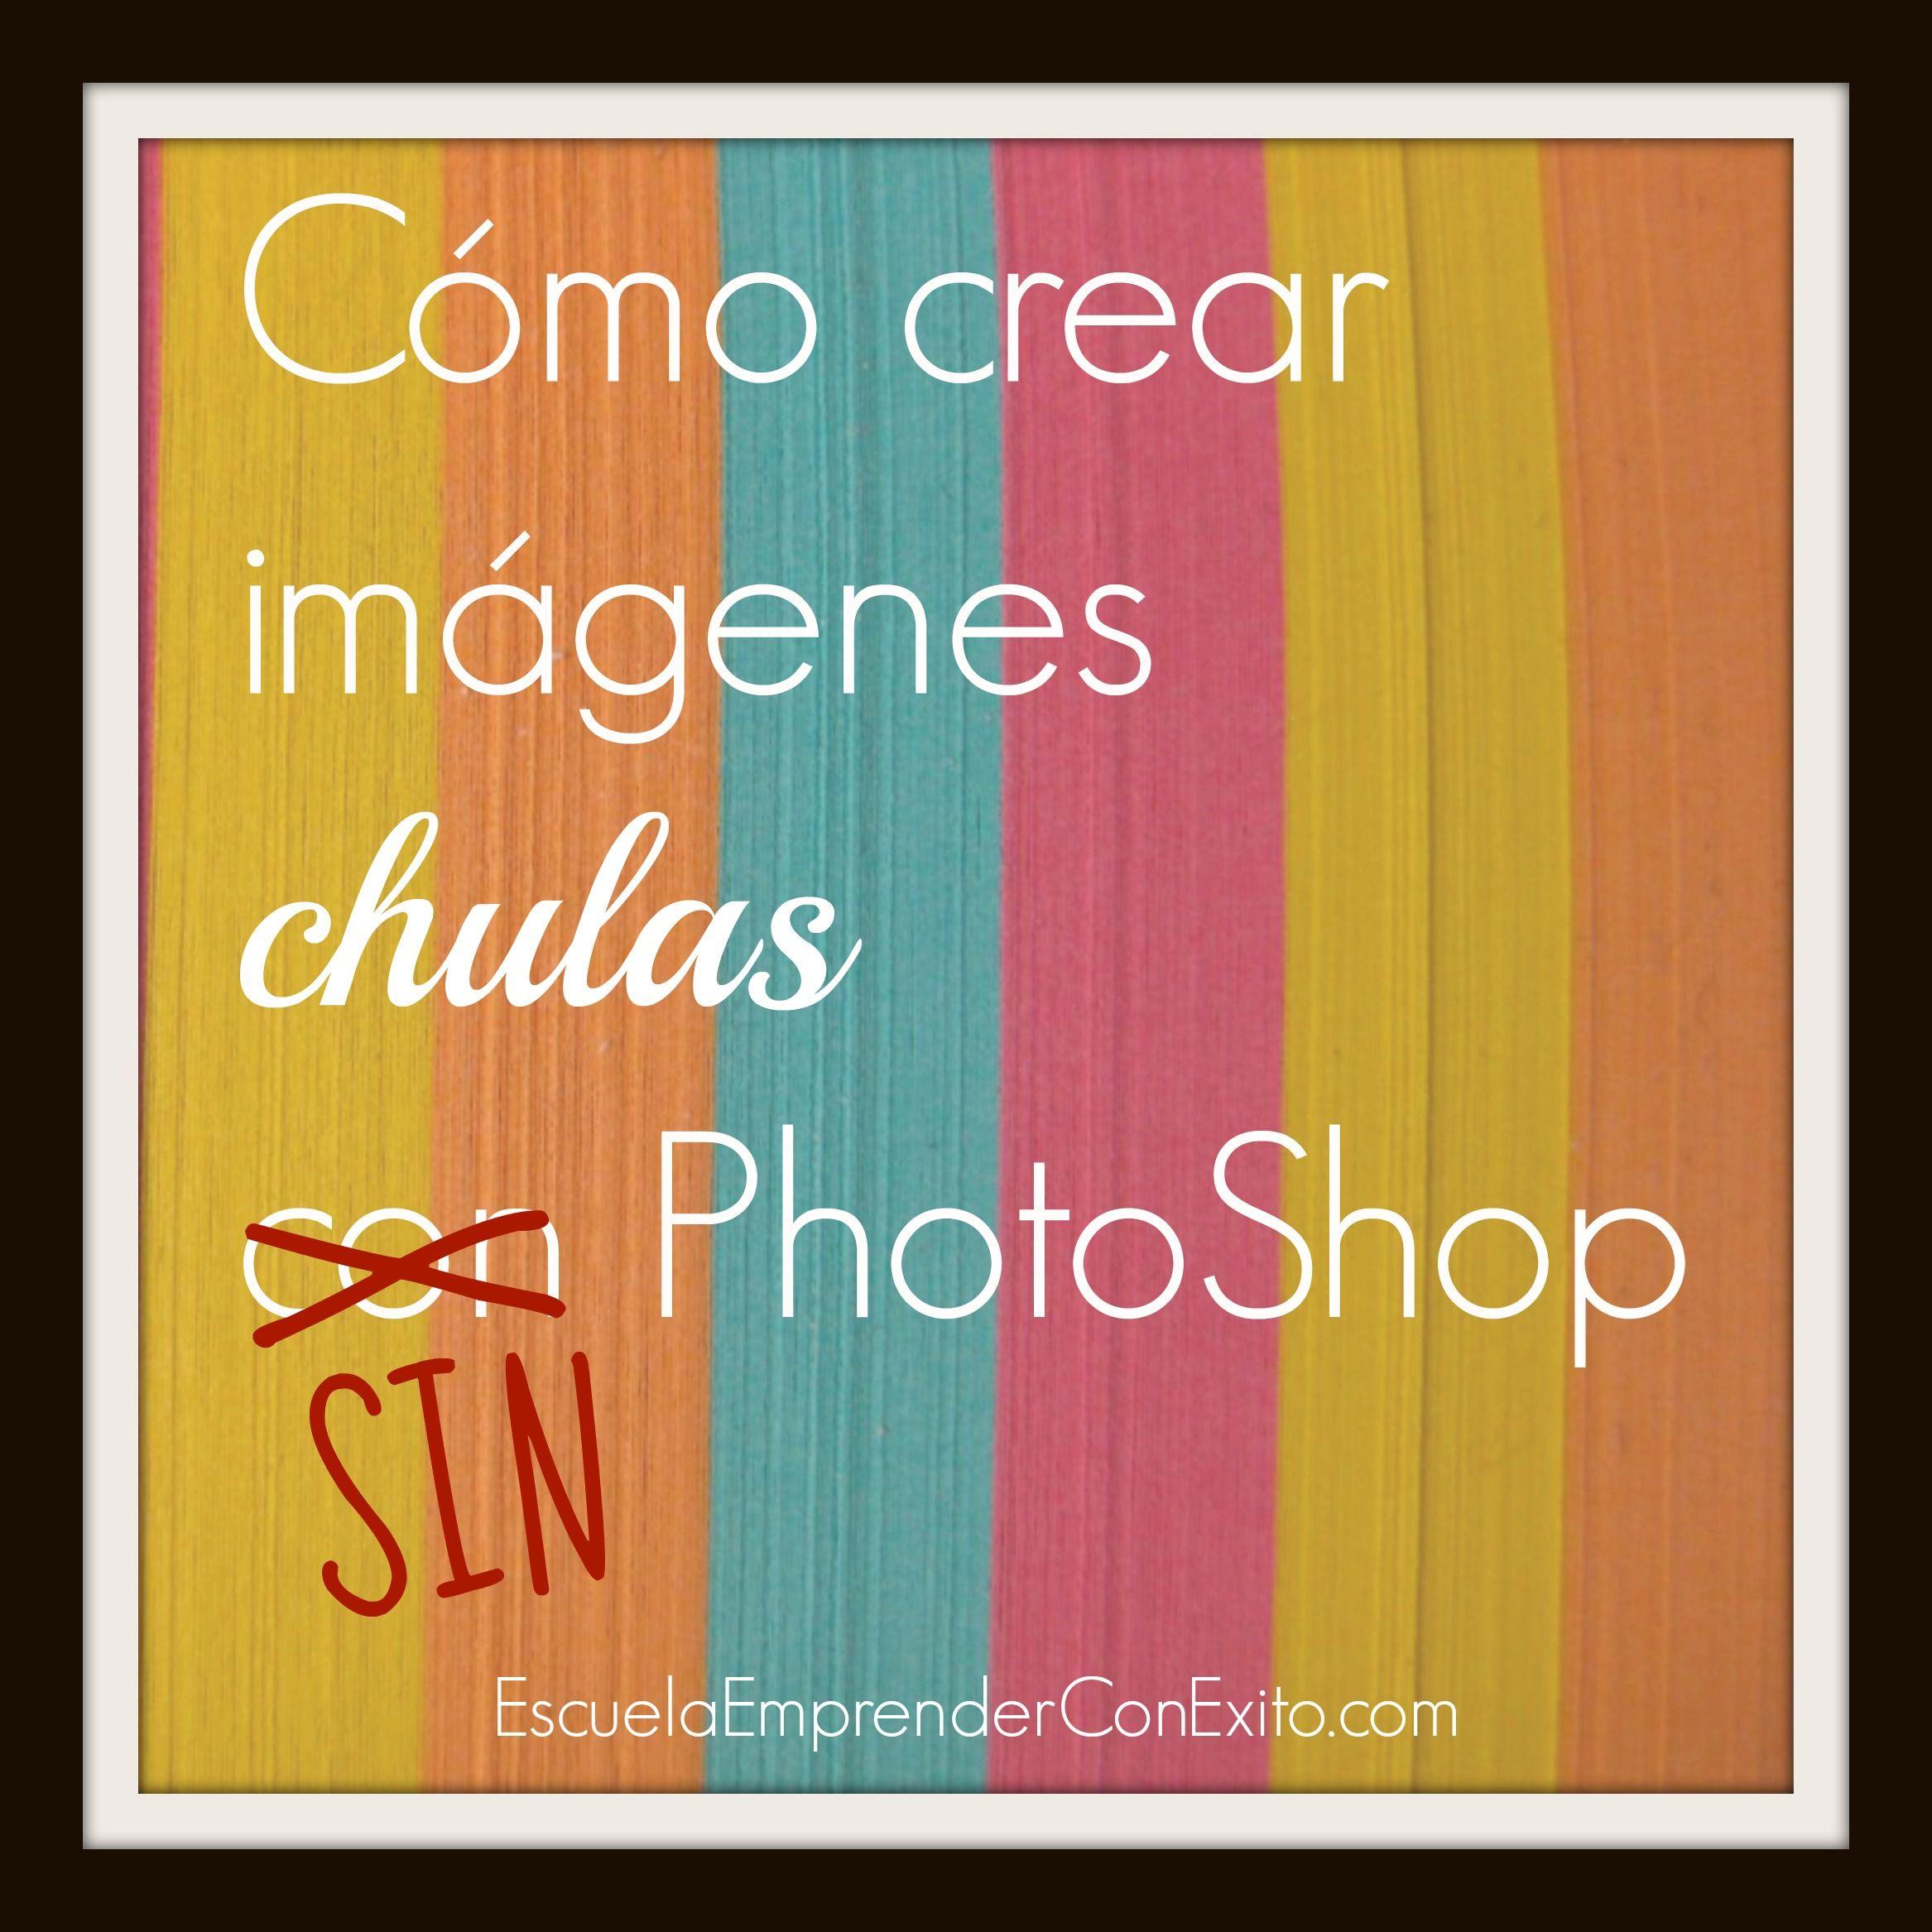 Cómo crear imágenes chulas SIN PhotoShop - Escuela Emprender con ...